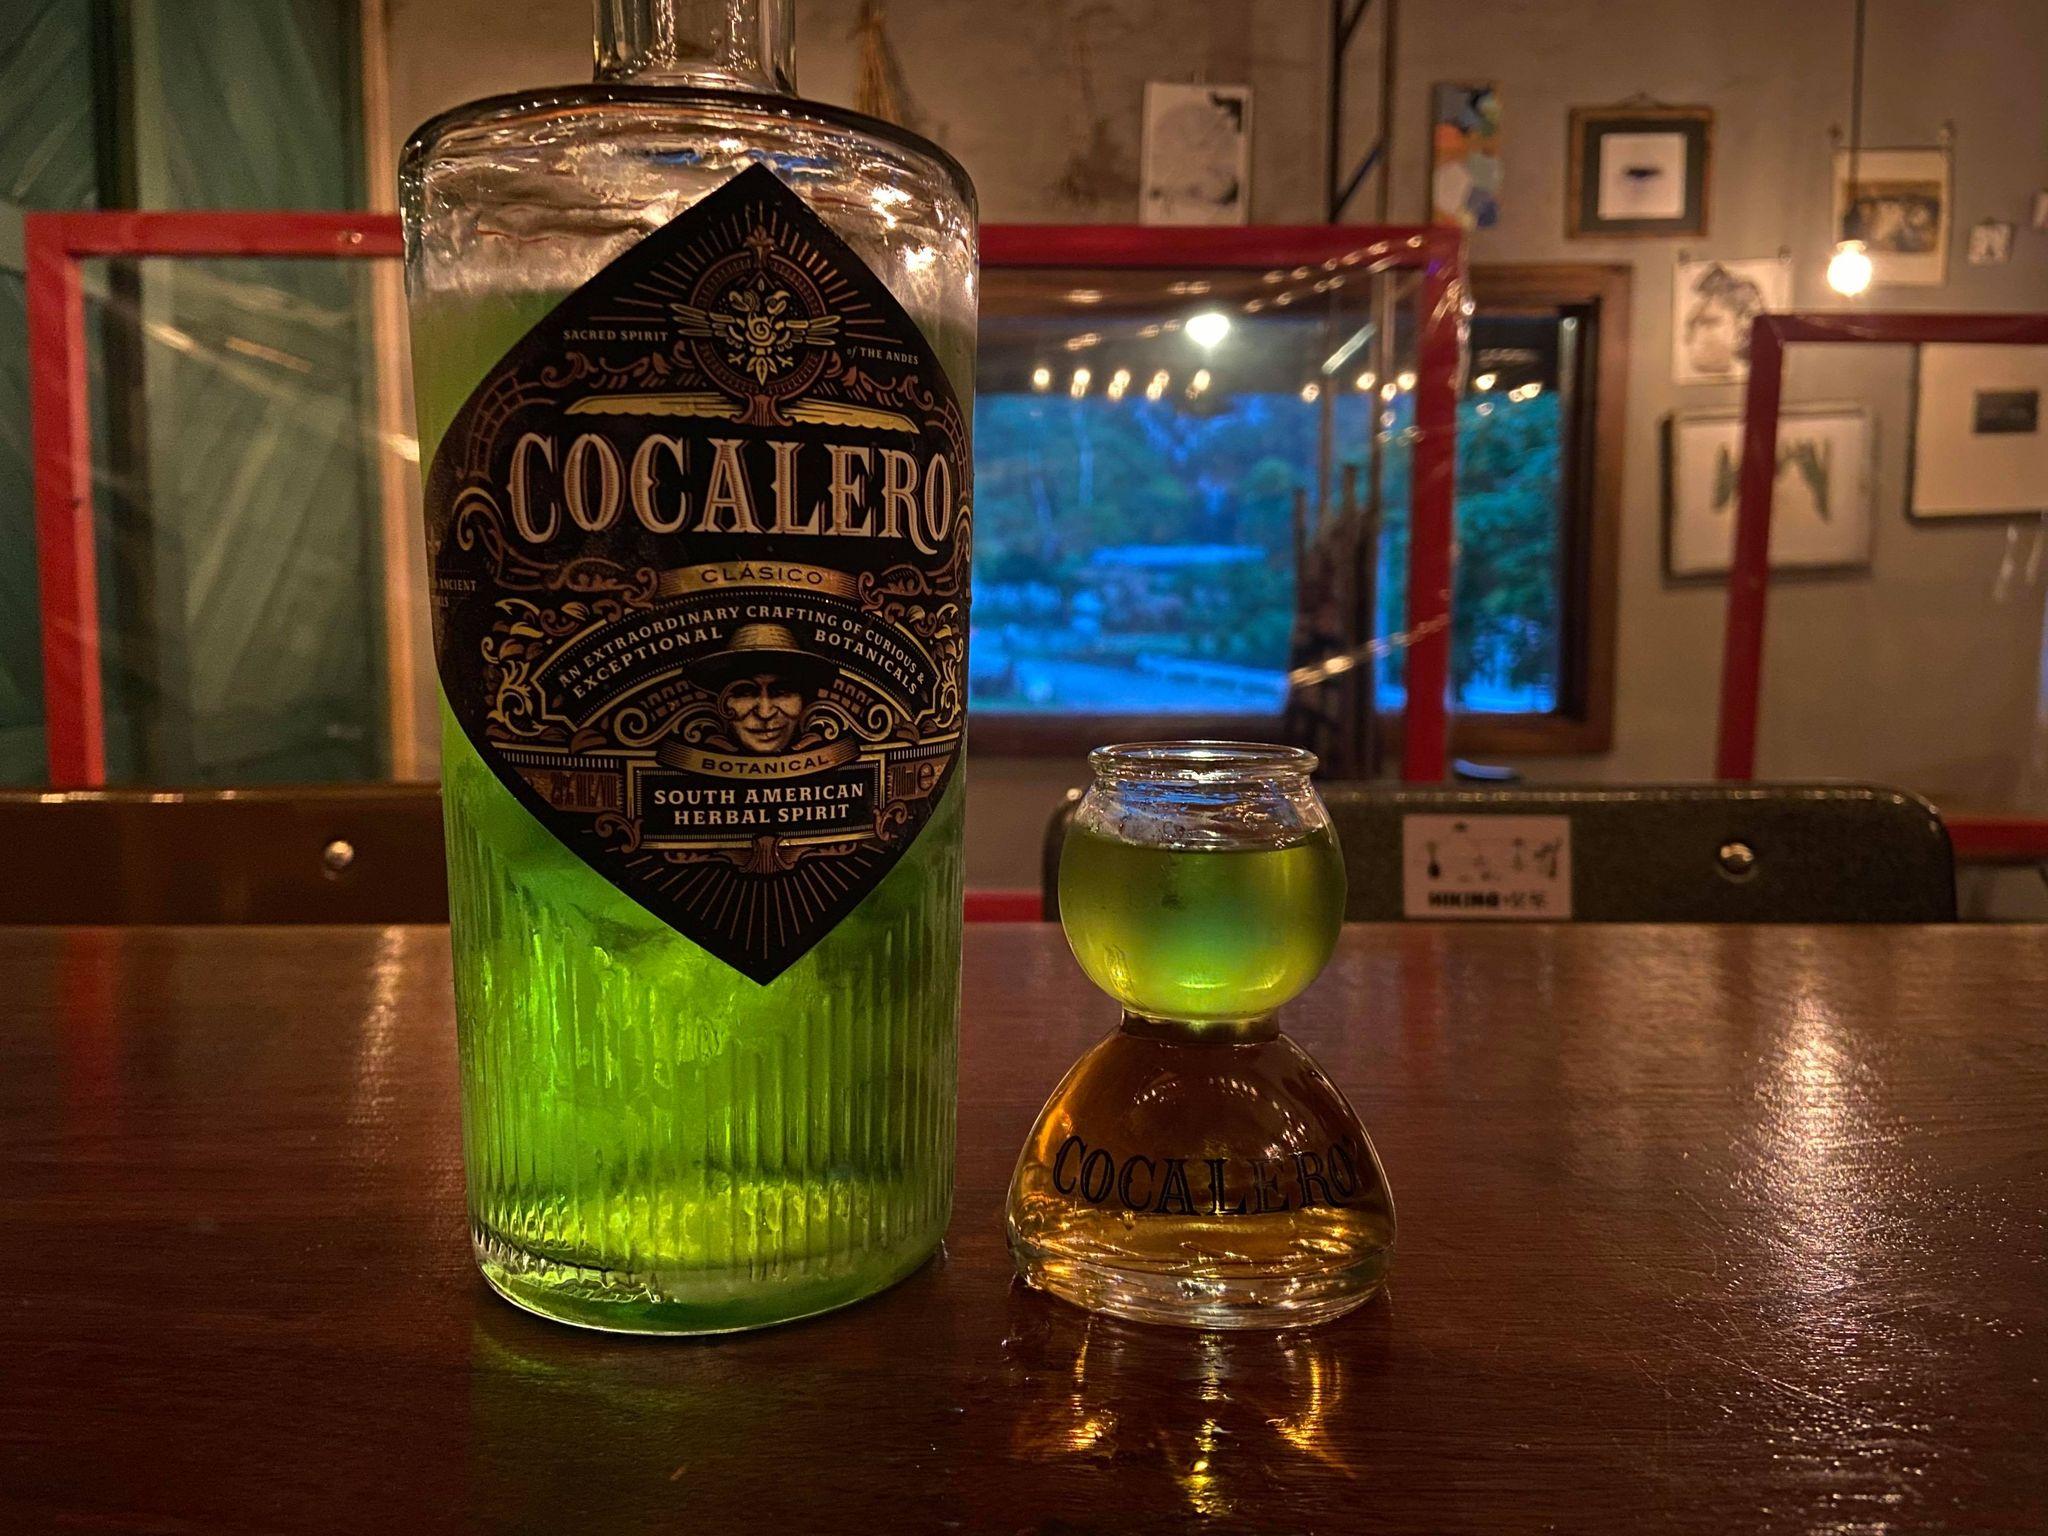 コカレロのボトルとコカボムの画像